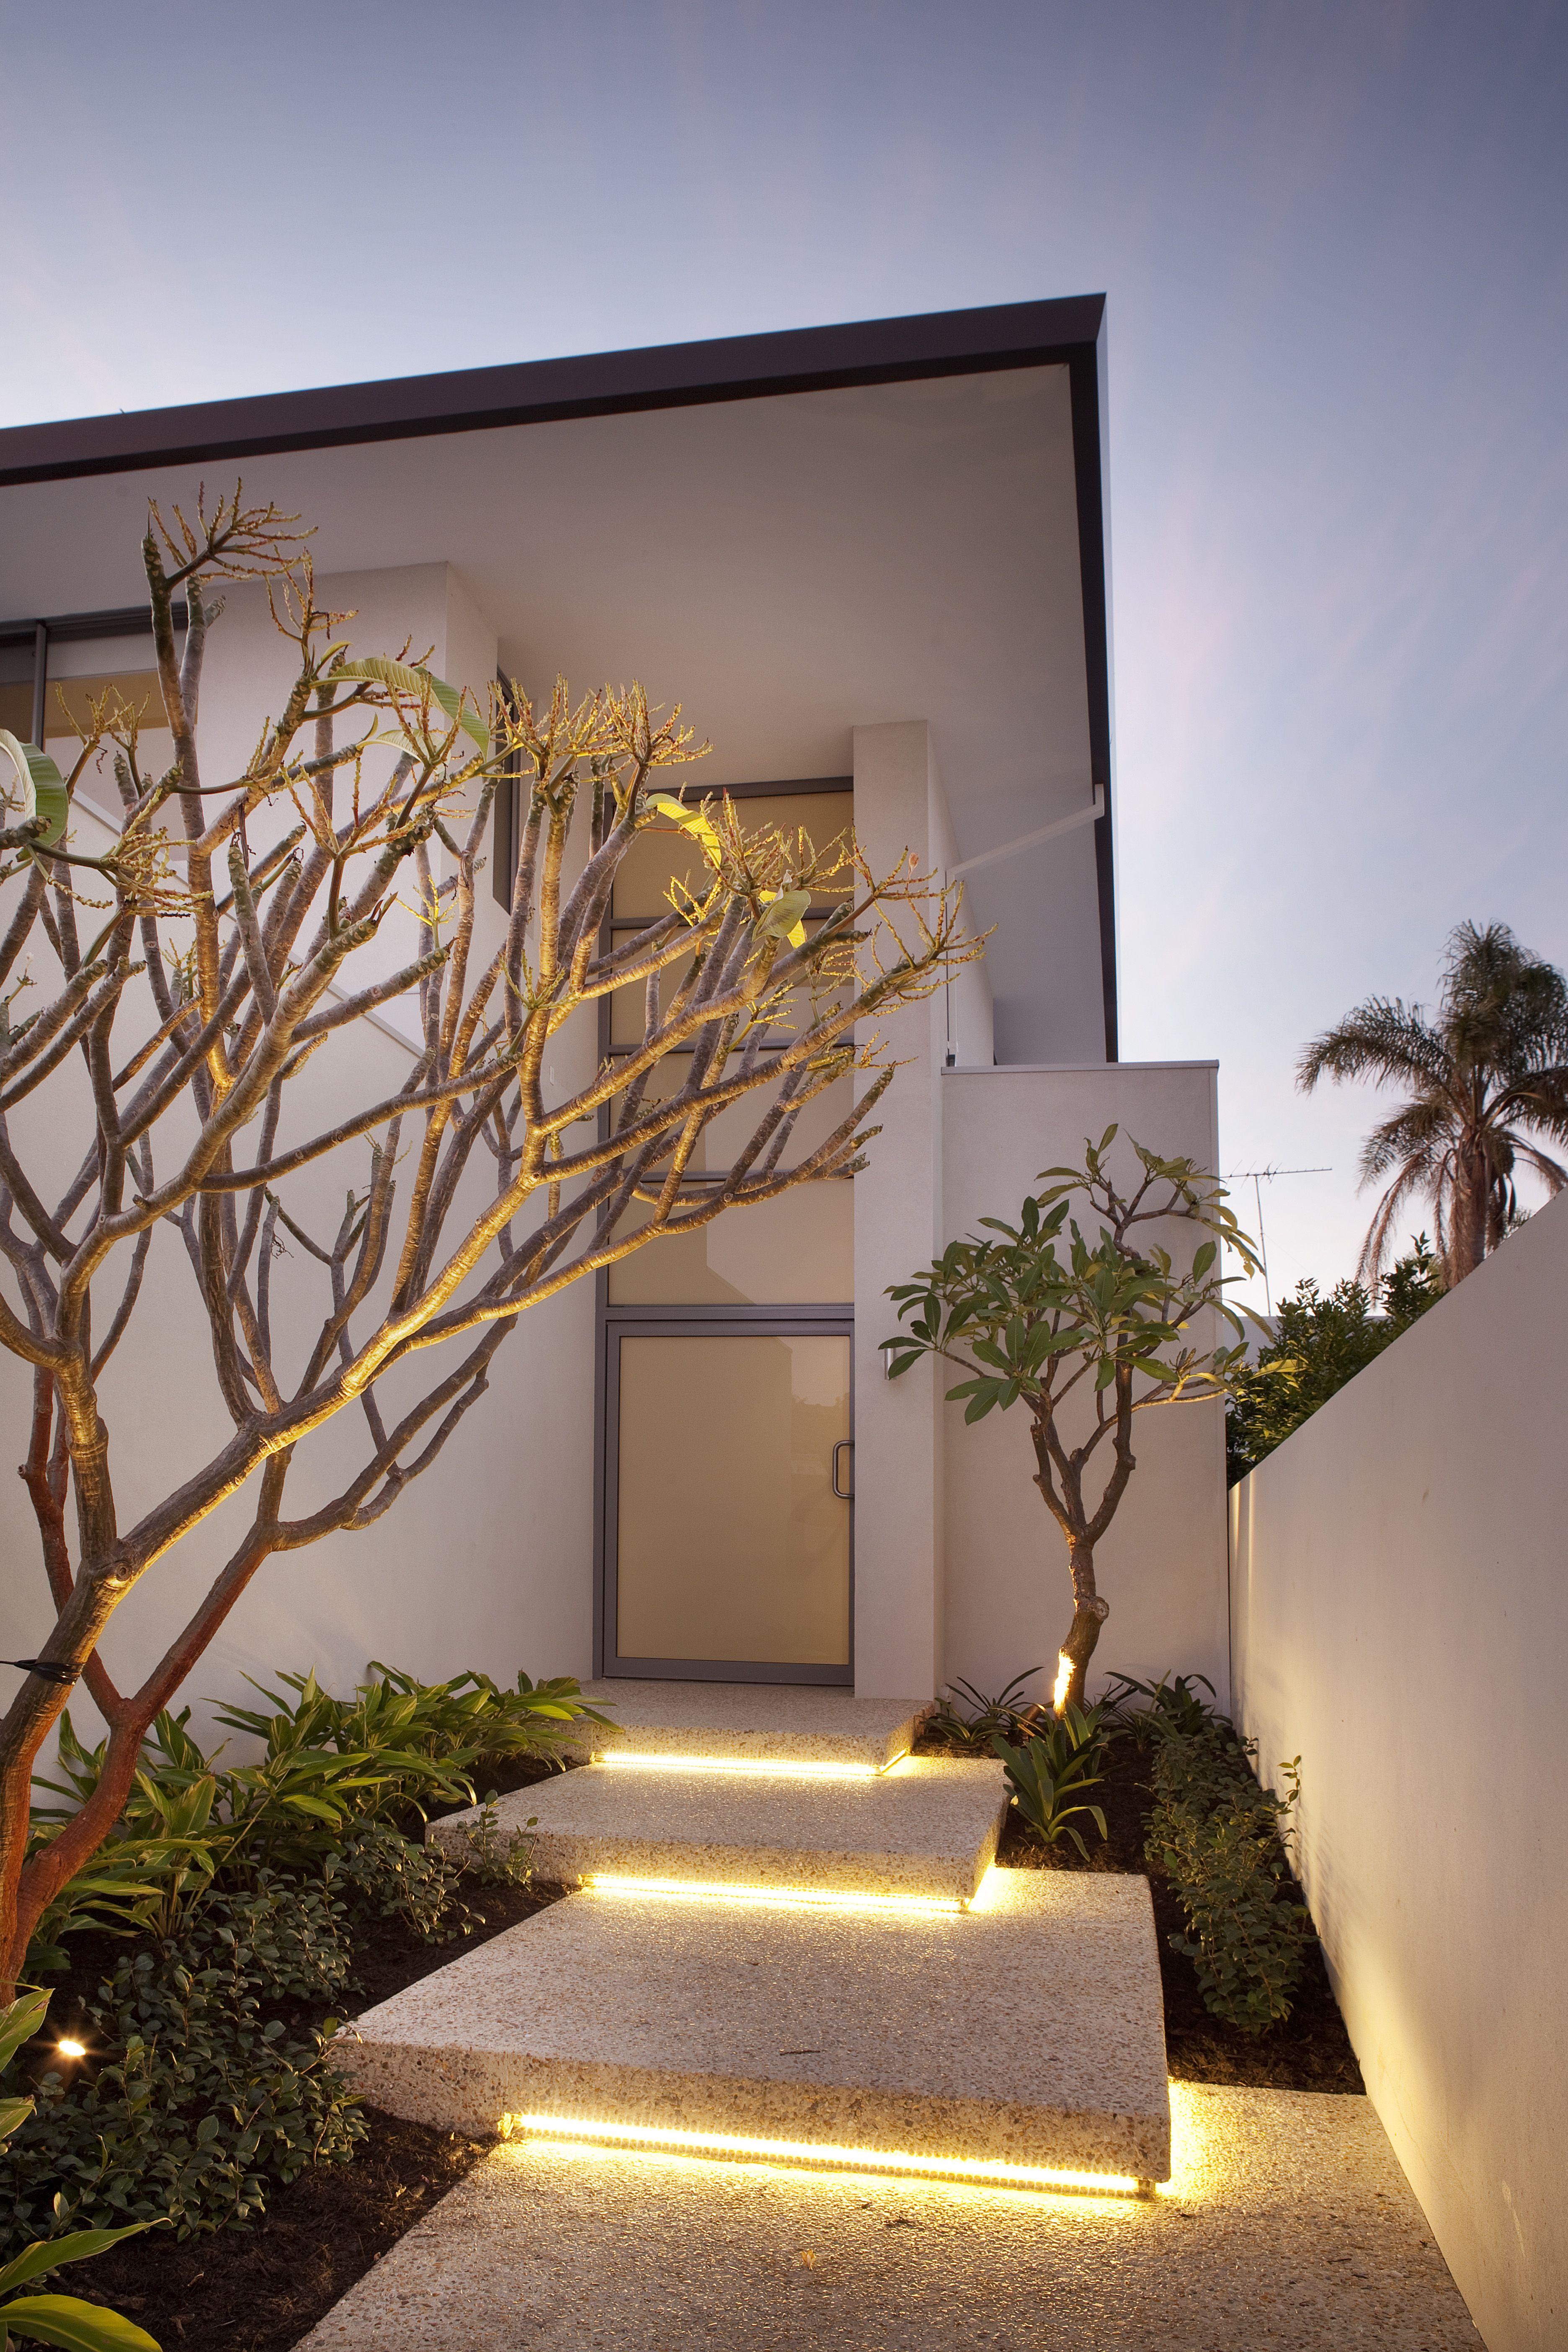 Floating steps, garden lighting, front entrance Outdoor